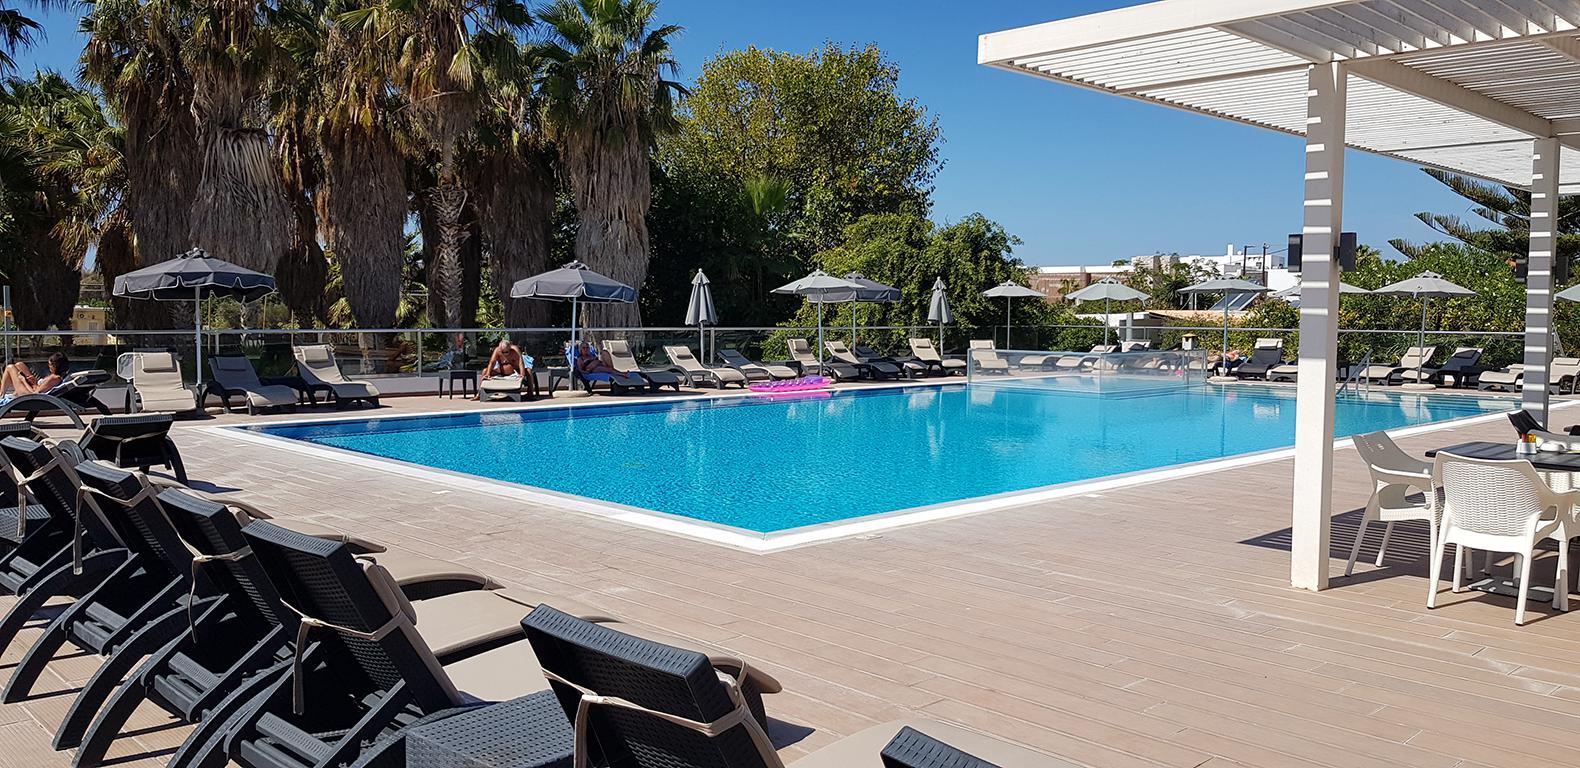 Meer info over Hotel Cosmopolitan  bij Sunweb zomer